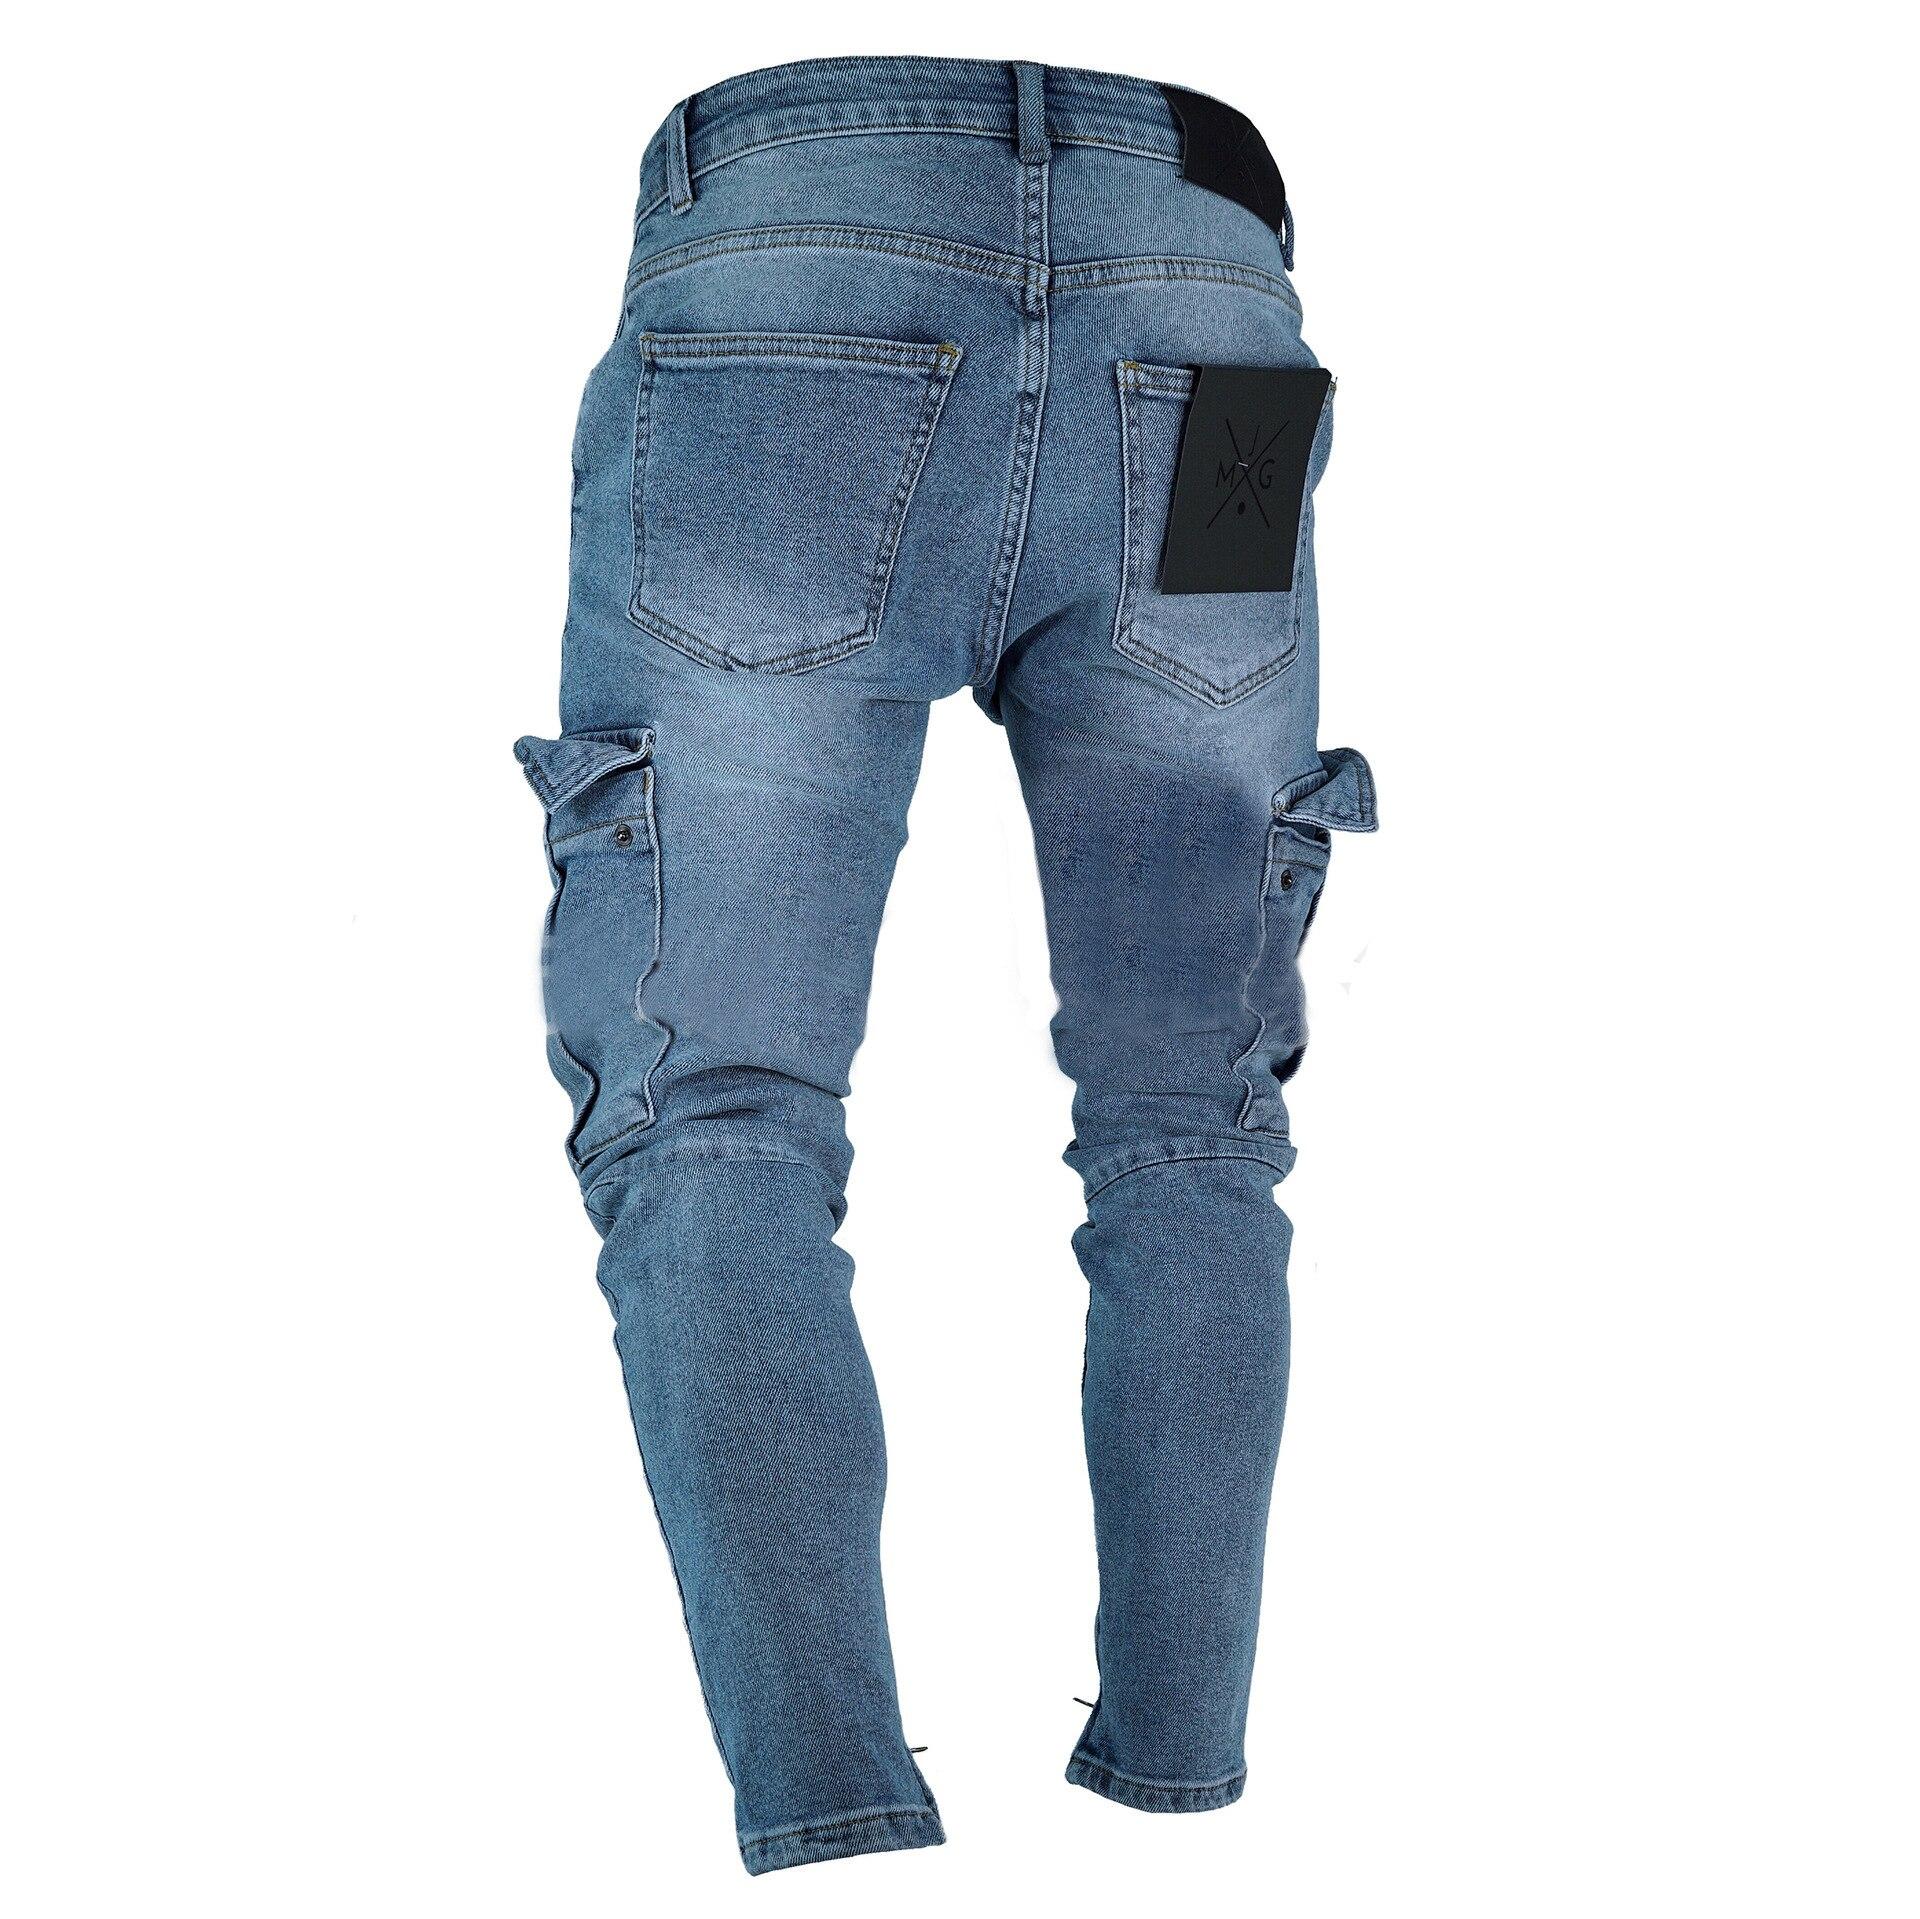 Мужские джинсовые брюки карго, джинсы с боковыми карманами Карго, обтягивающие джинсы, мужские облегающие длинные брюки